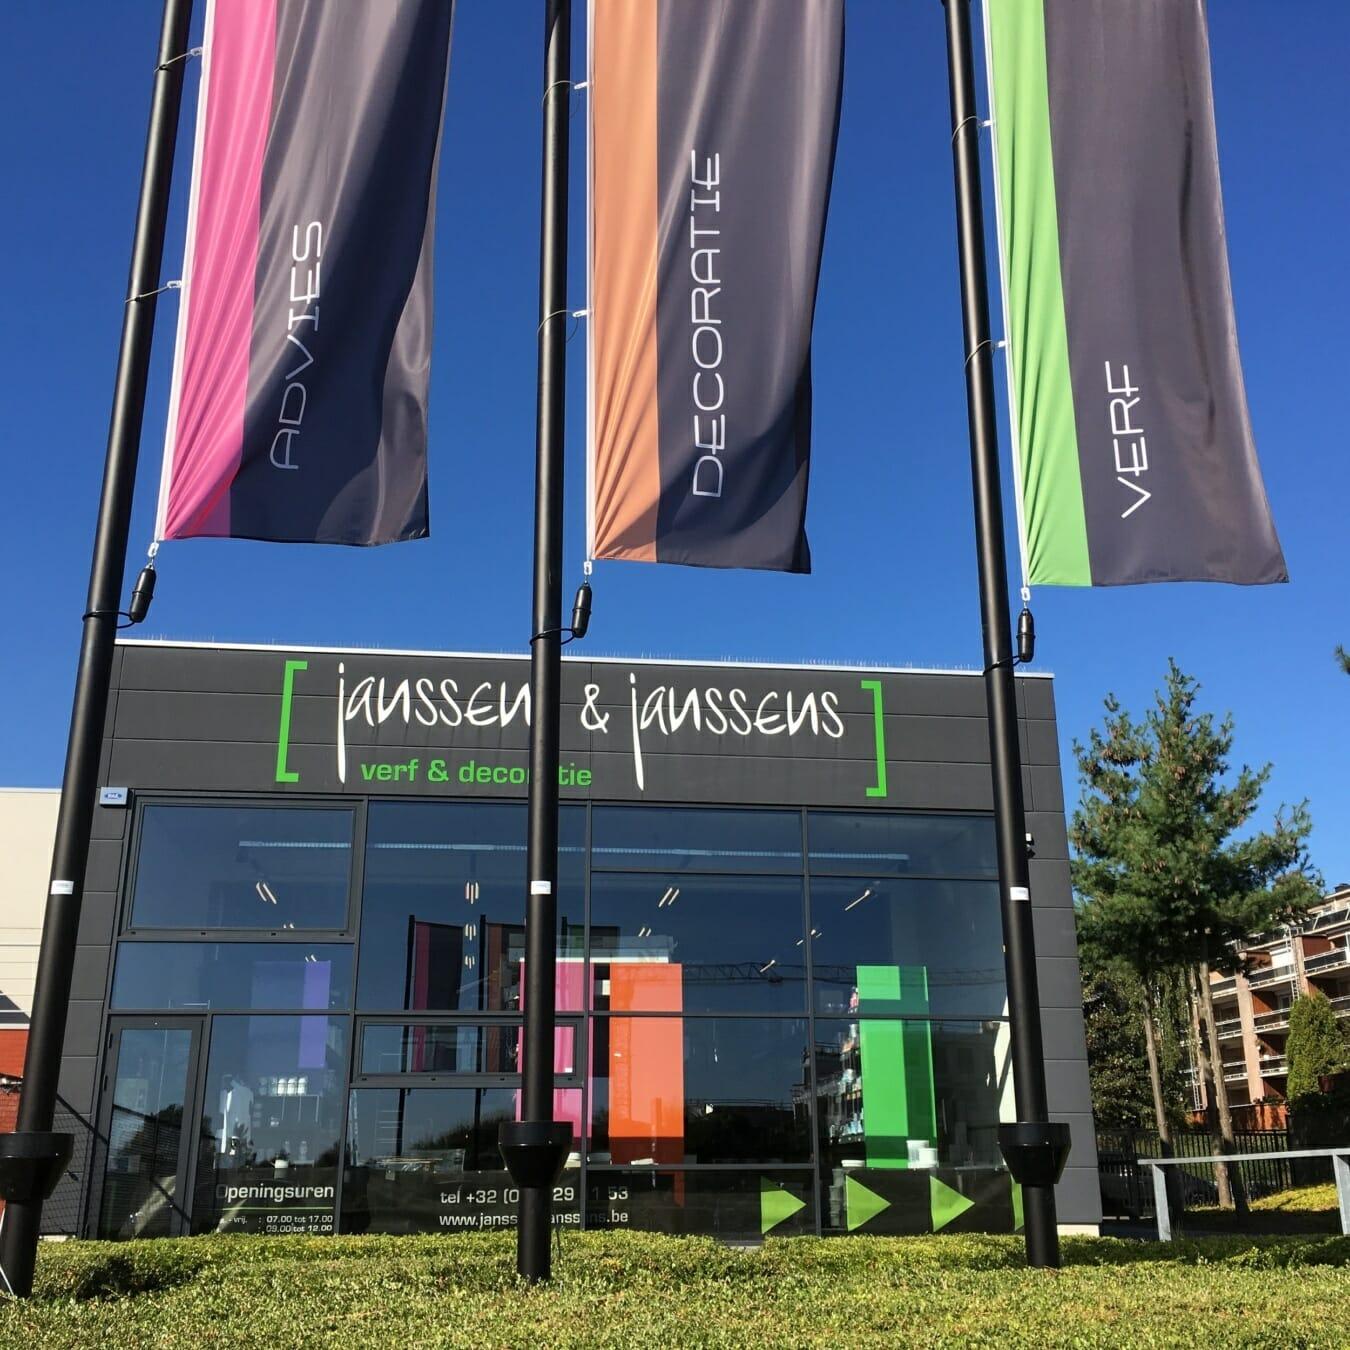 Janssens & Janssens - winkelpand